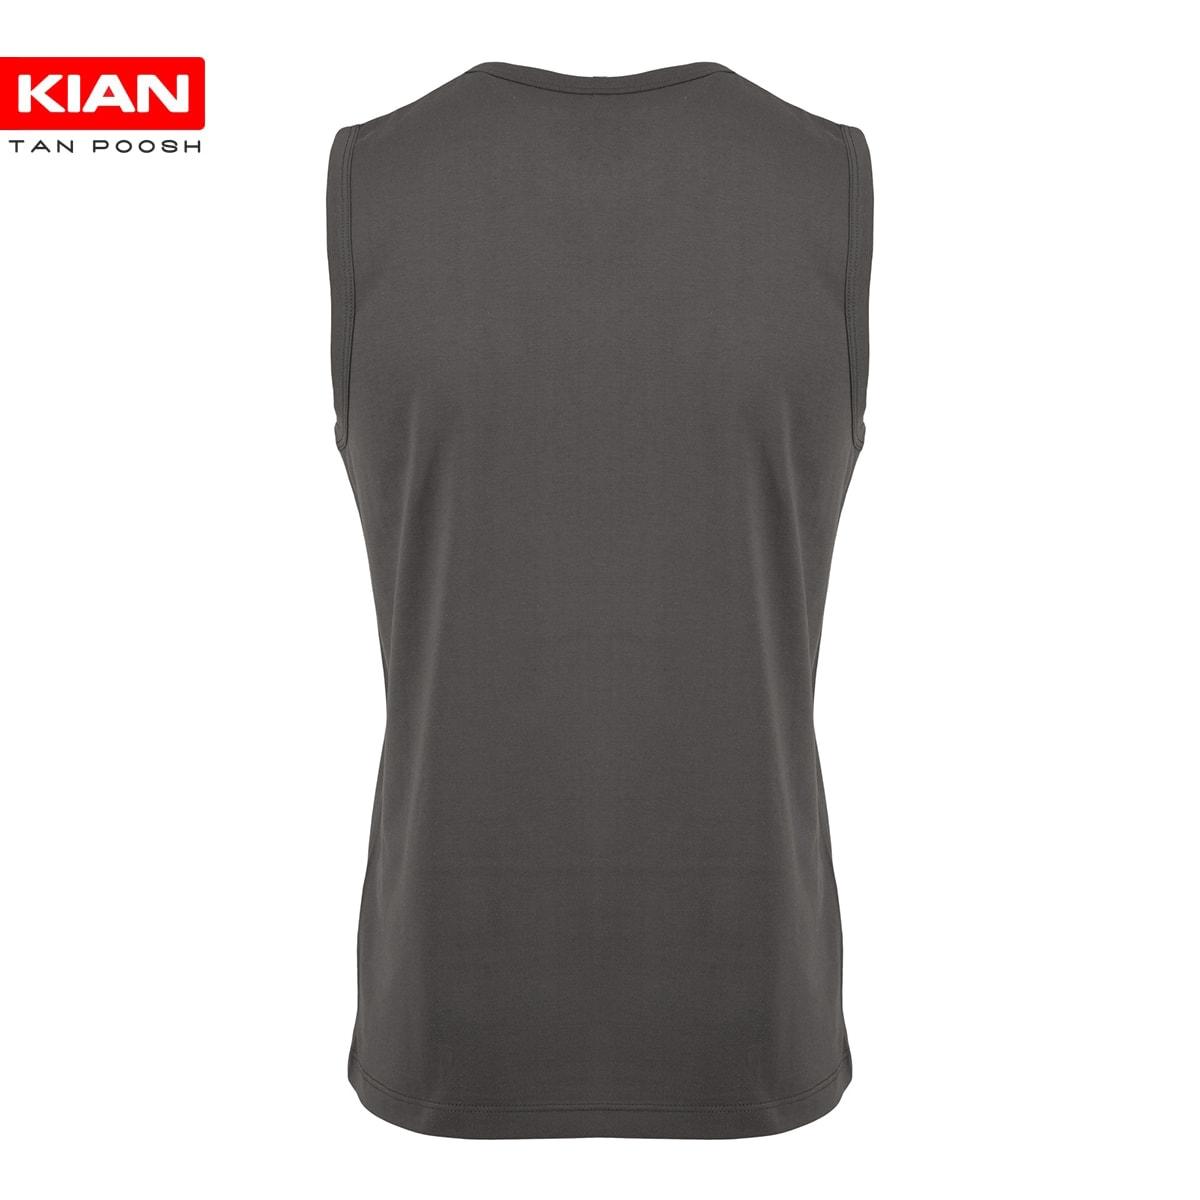 زیرپوش آستین حلقه مردانه پنبه رنگ بندی 3 (پک شش عددی)